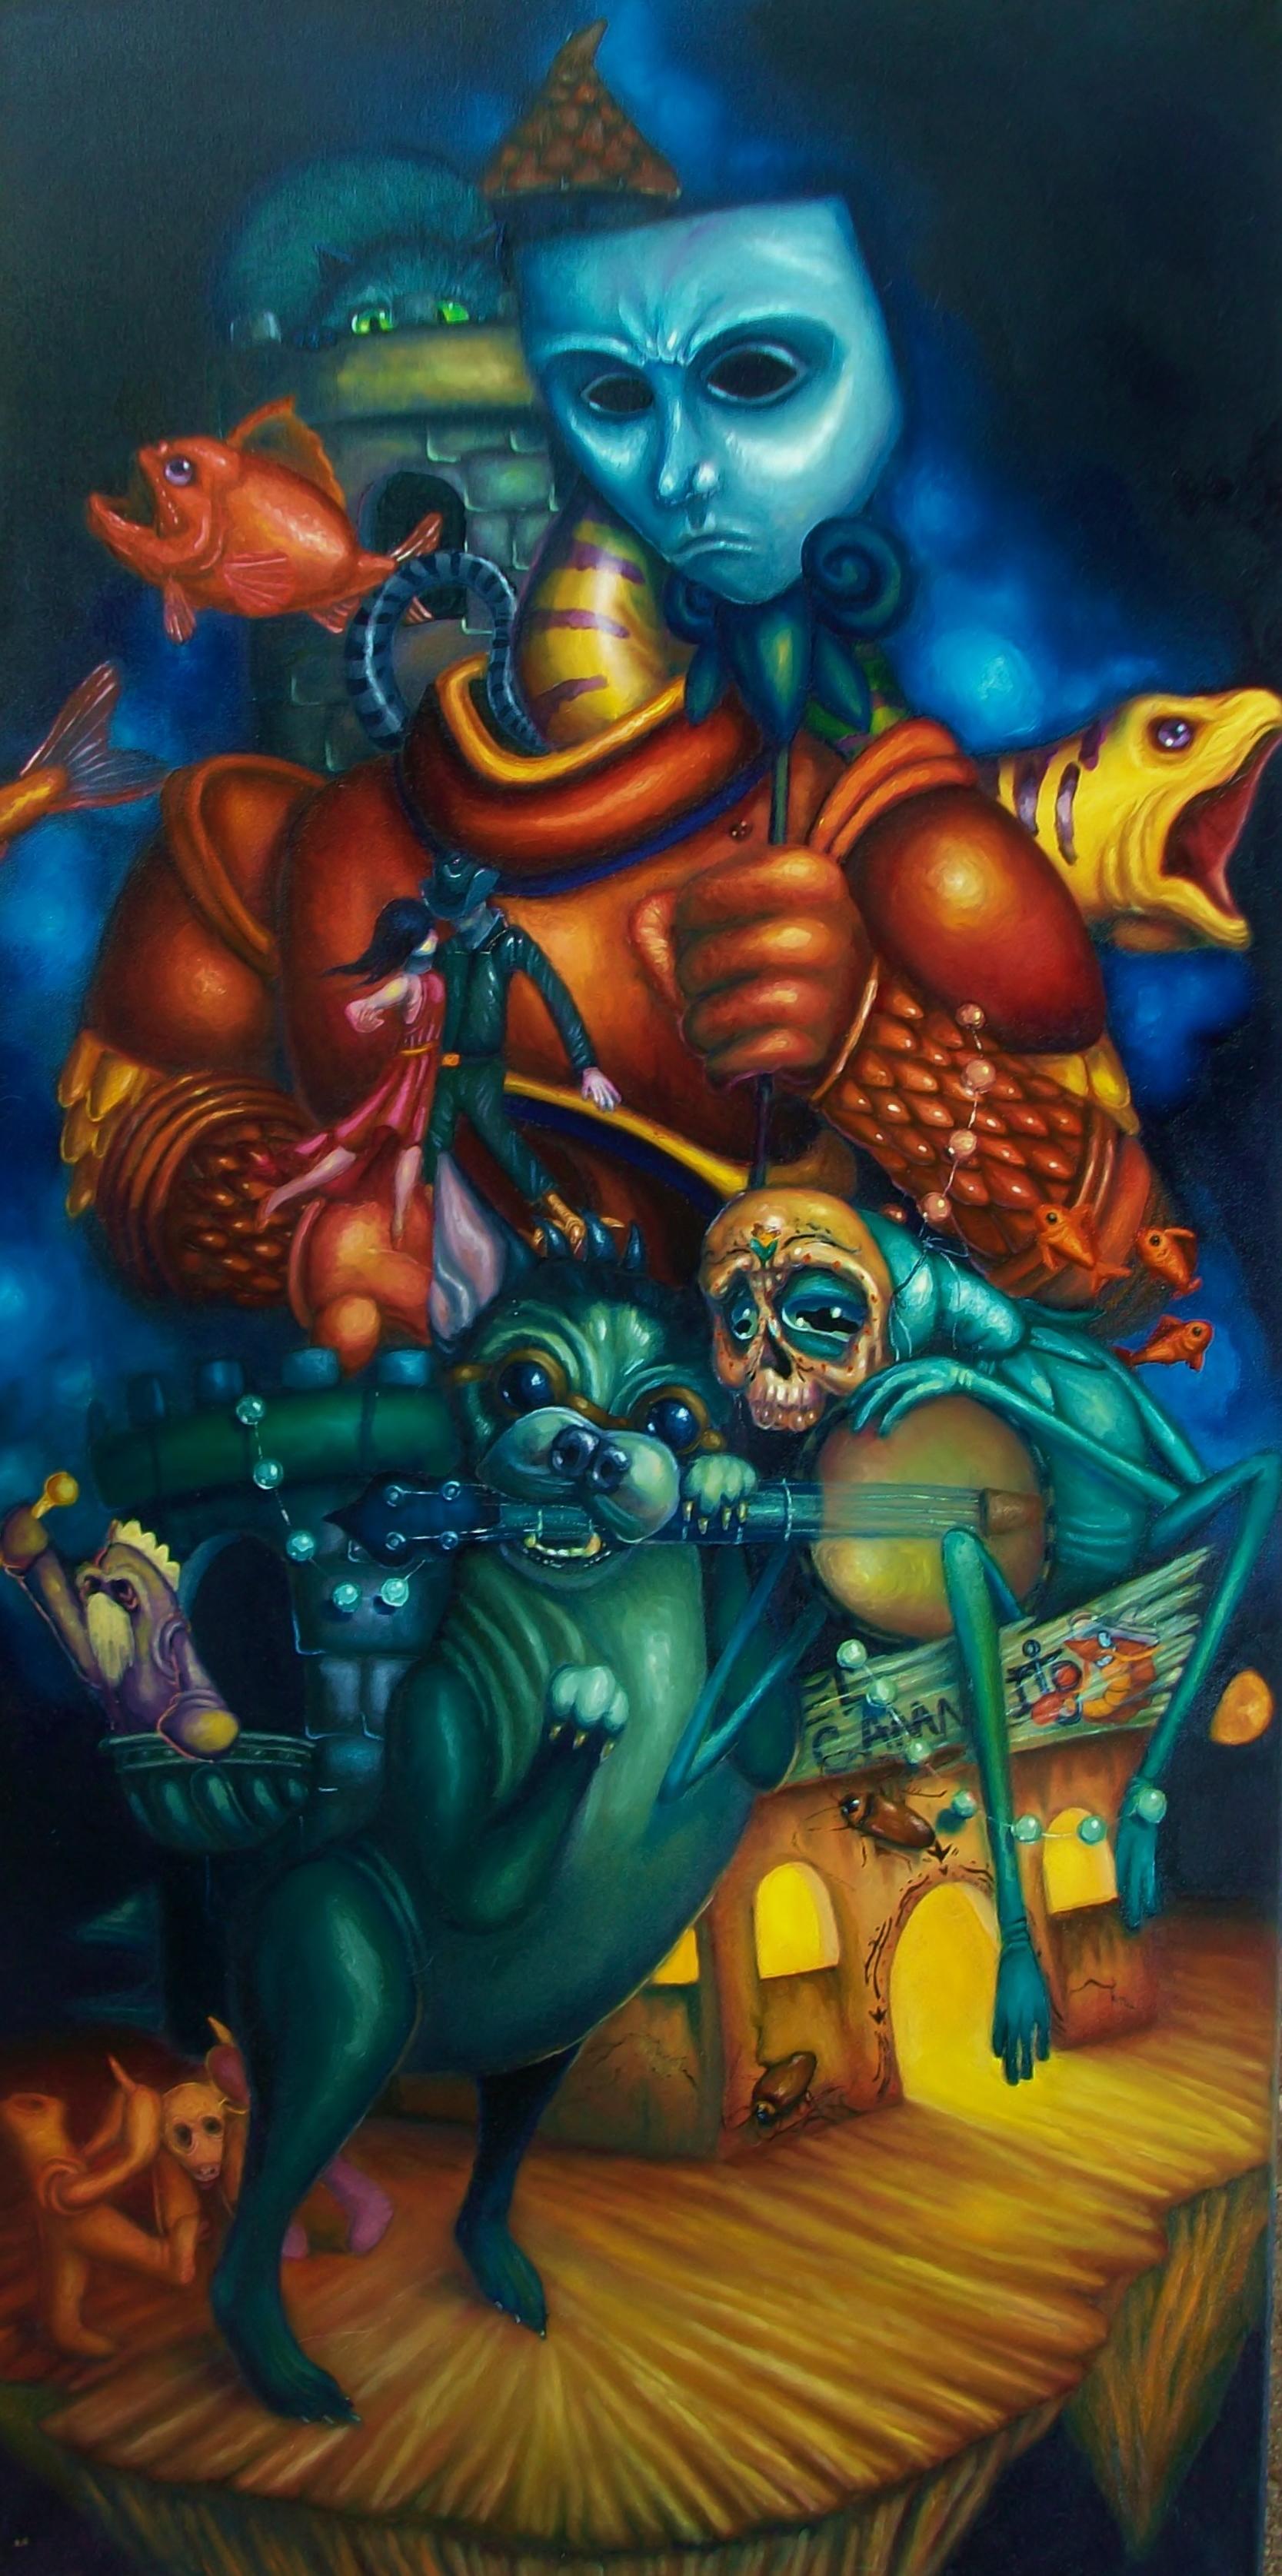 """Samuel Velasquez. The Mysterious Stranger (detail), 2014. Oil on canvas. 36"""" x 24"""""""